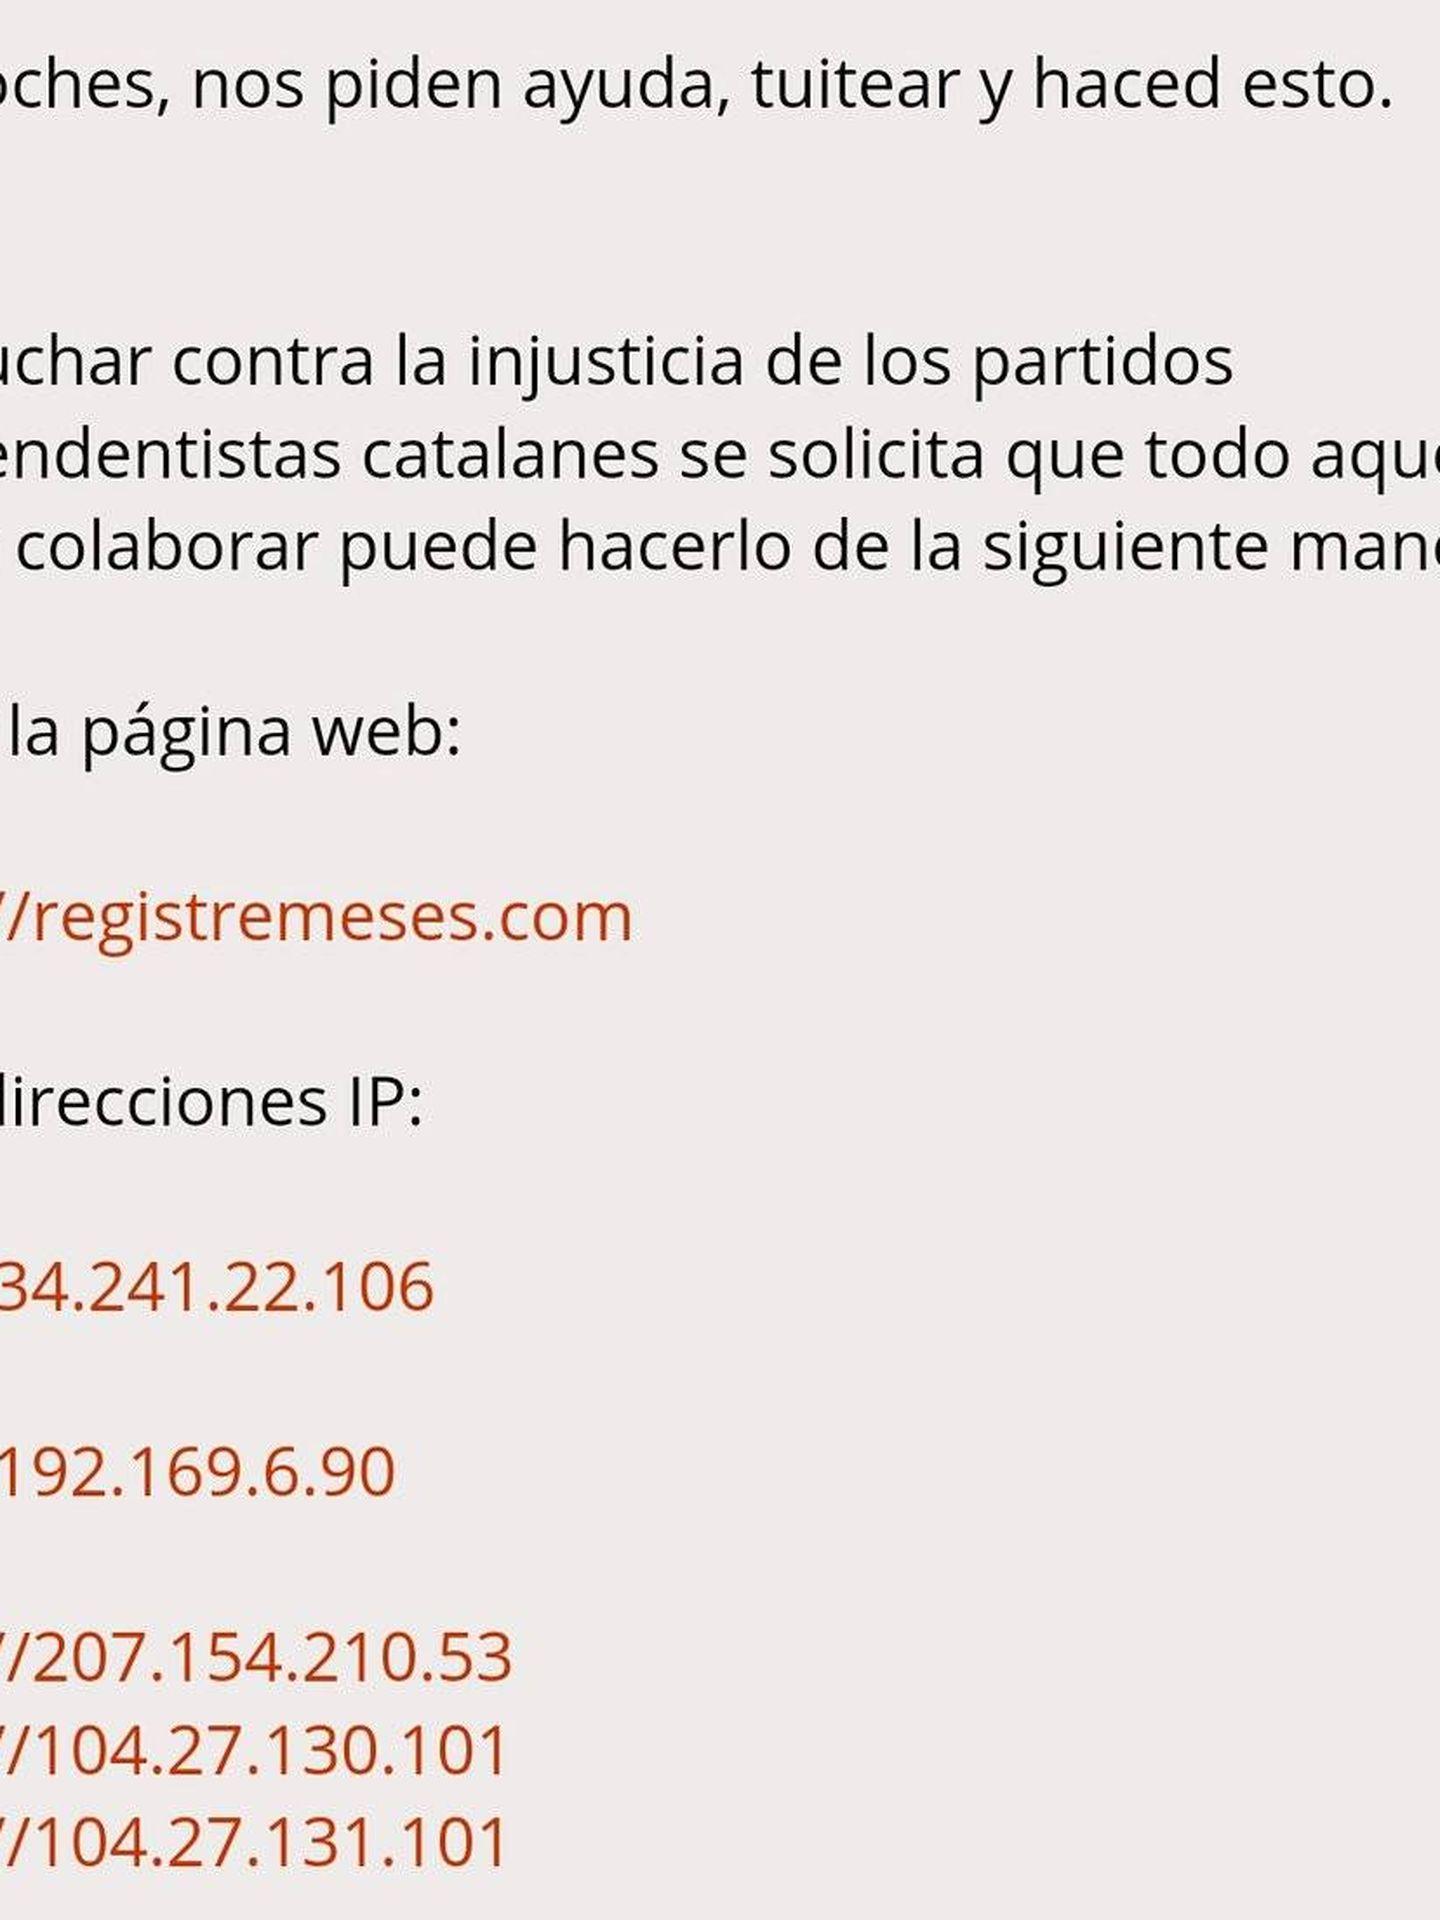 Hilo de Forocoches, ya eliminado, donde se animaba a atacar las direcciones IP del referéndum.